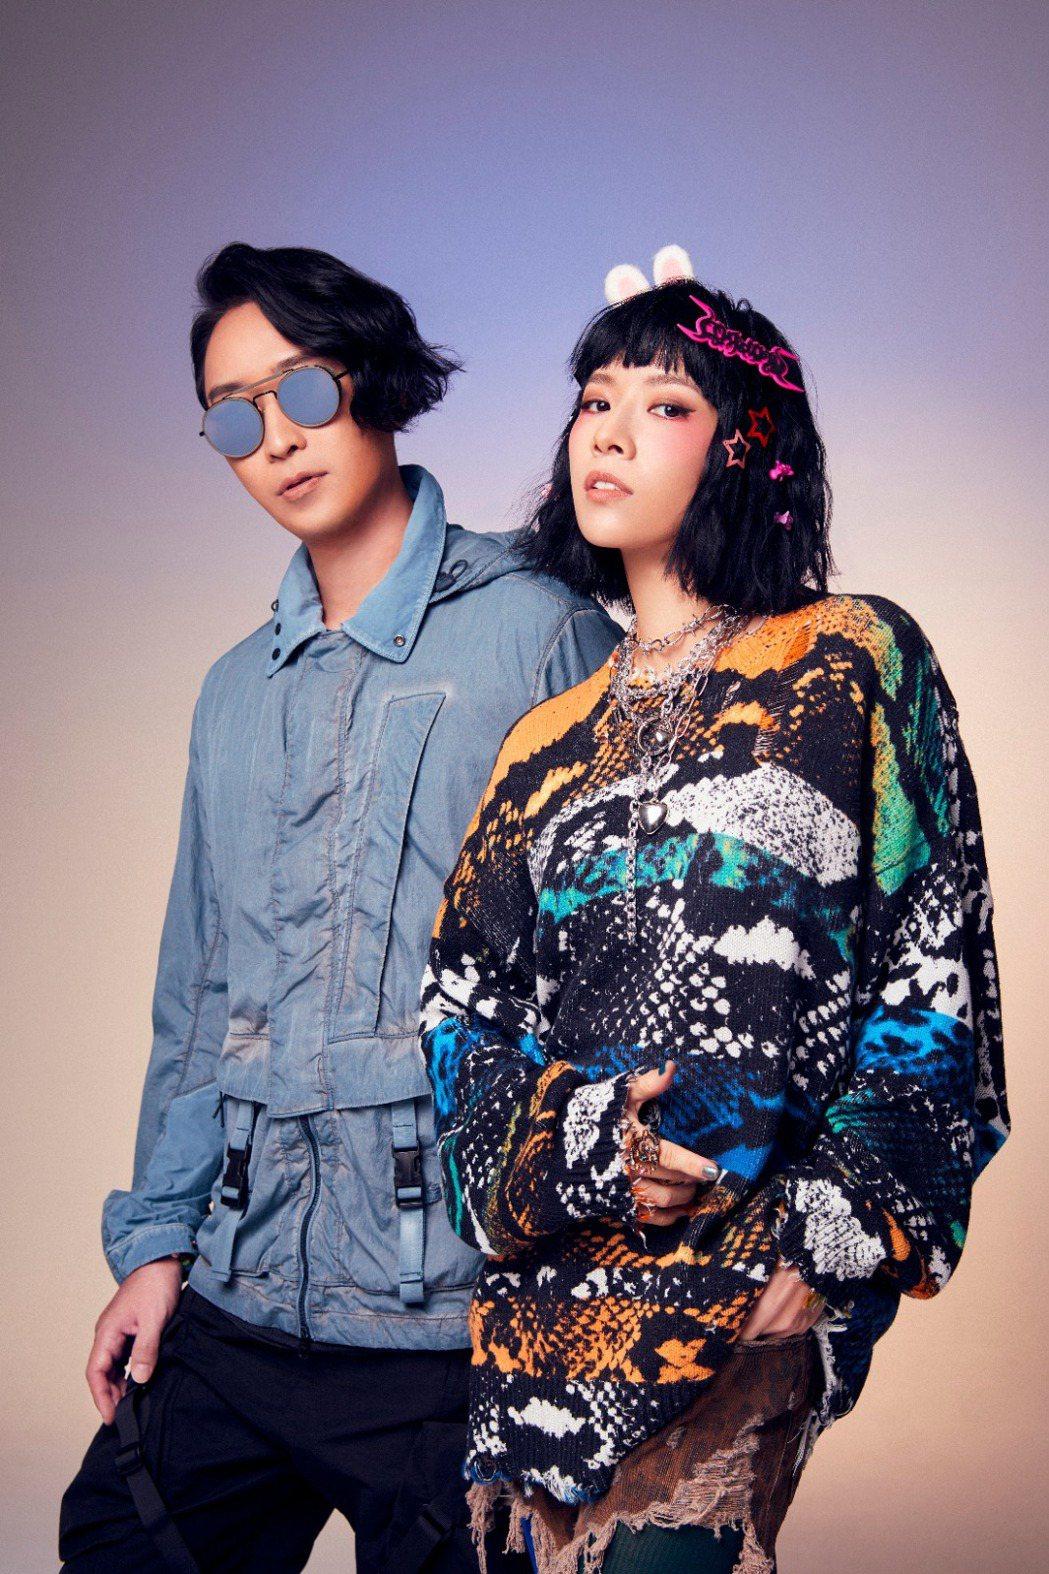 原子邦妮推出新歌「難道只有我覺得」。圖/滾石唱片提供